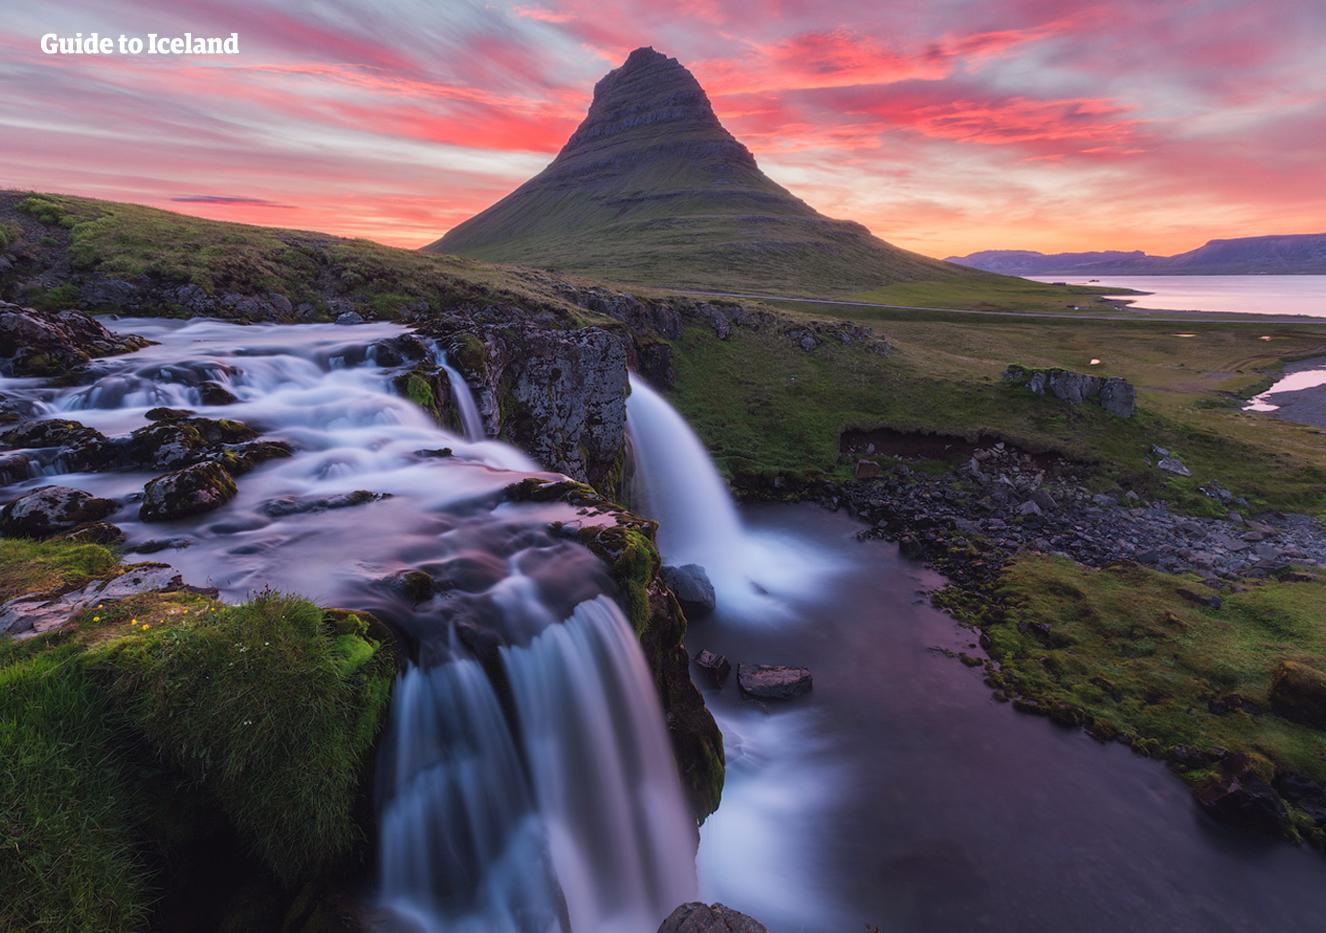 斯奈山半岛的教会山也称作草帽山,是冰岛西部最热门的景点